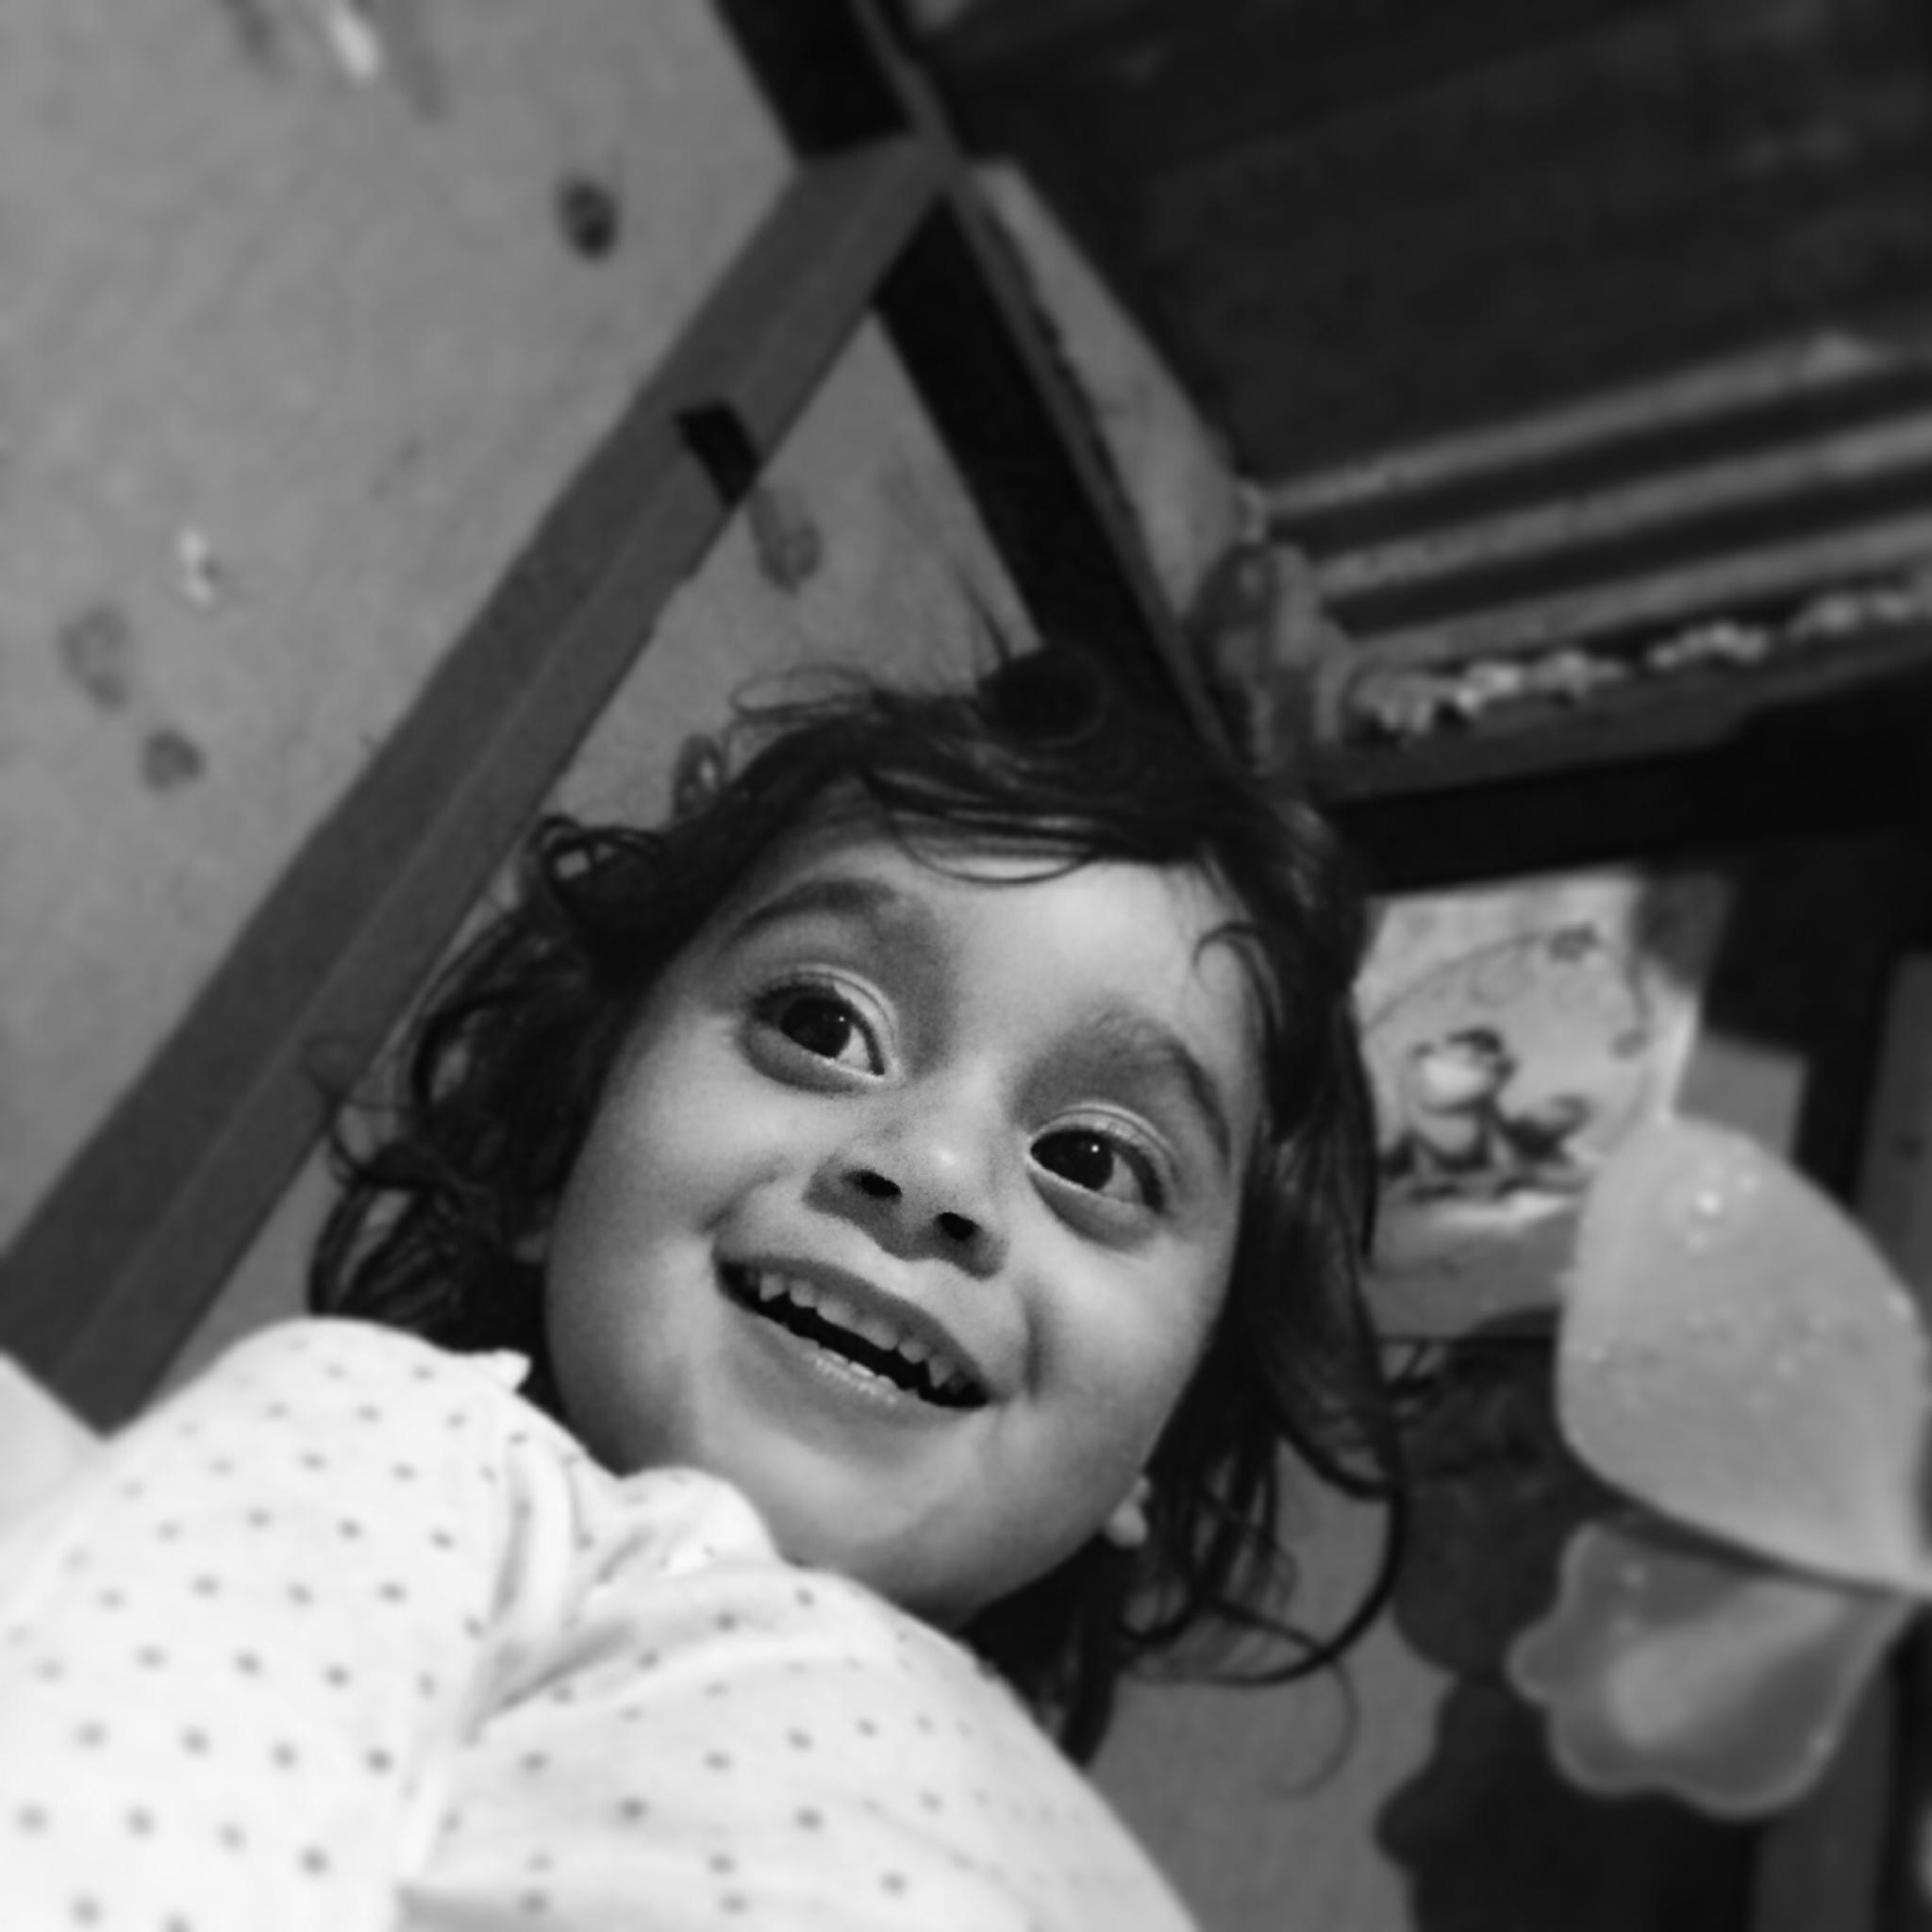 Happy! by Nilda64pr